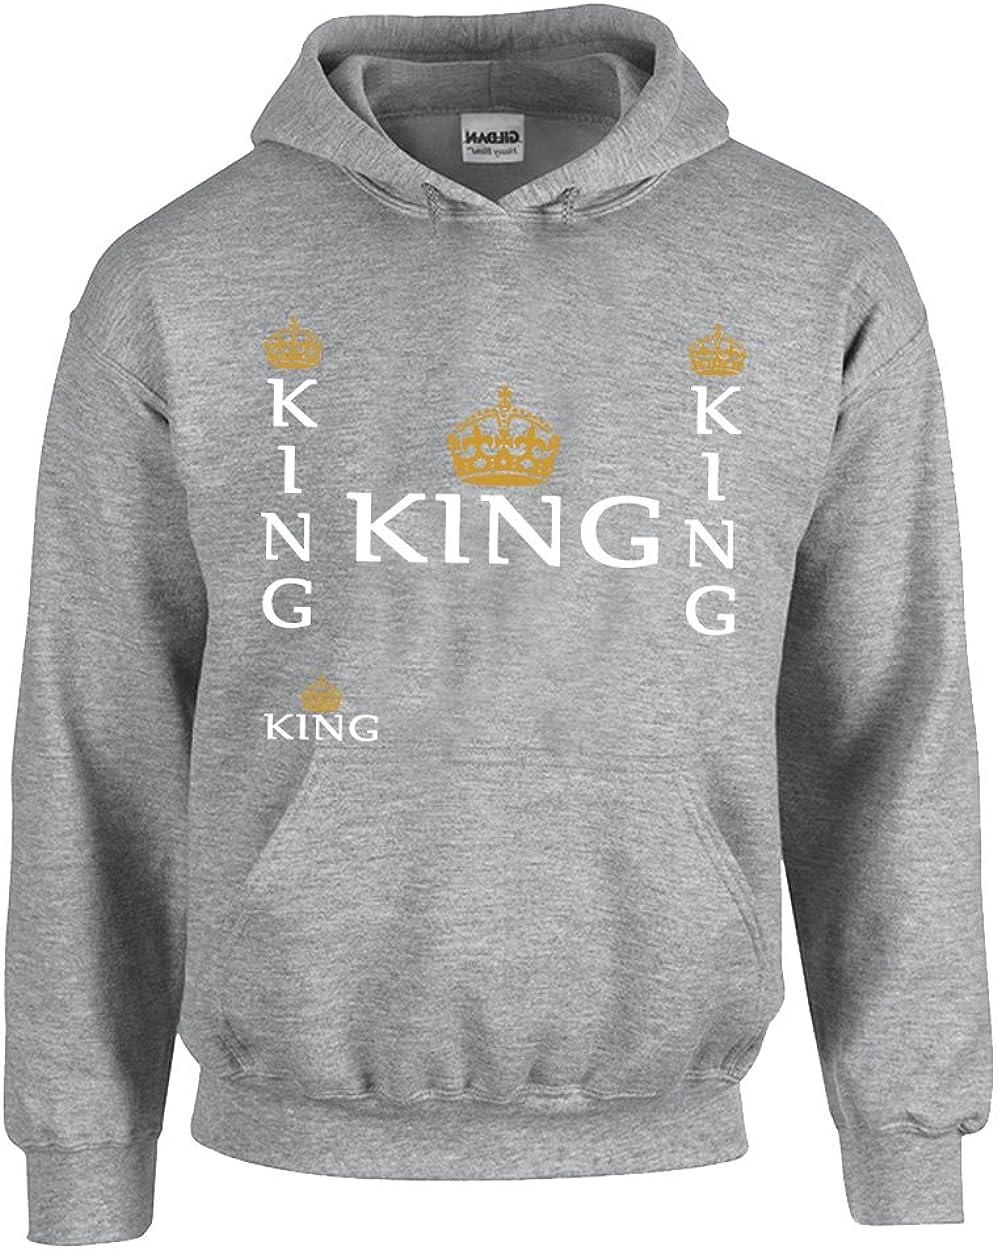 King Design Popular Unisex Pullover Hoodie Hooded Sweatshirt